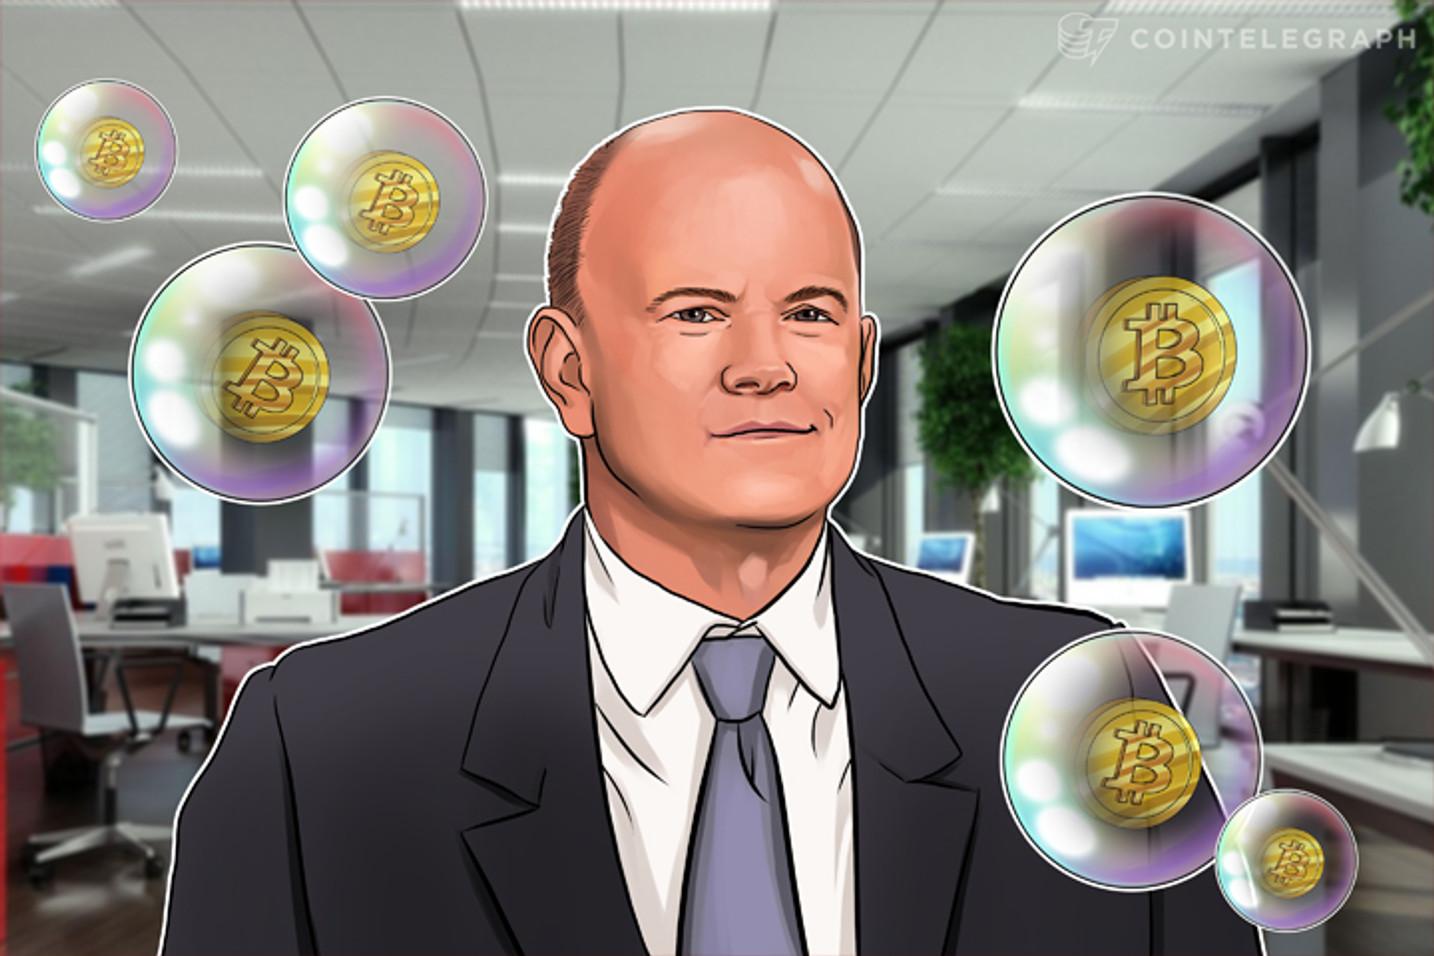 Bolha ou não, há dinheiro para se ganhar com o Bitcoin: Mike Novogratz